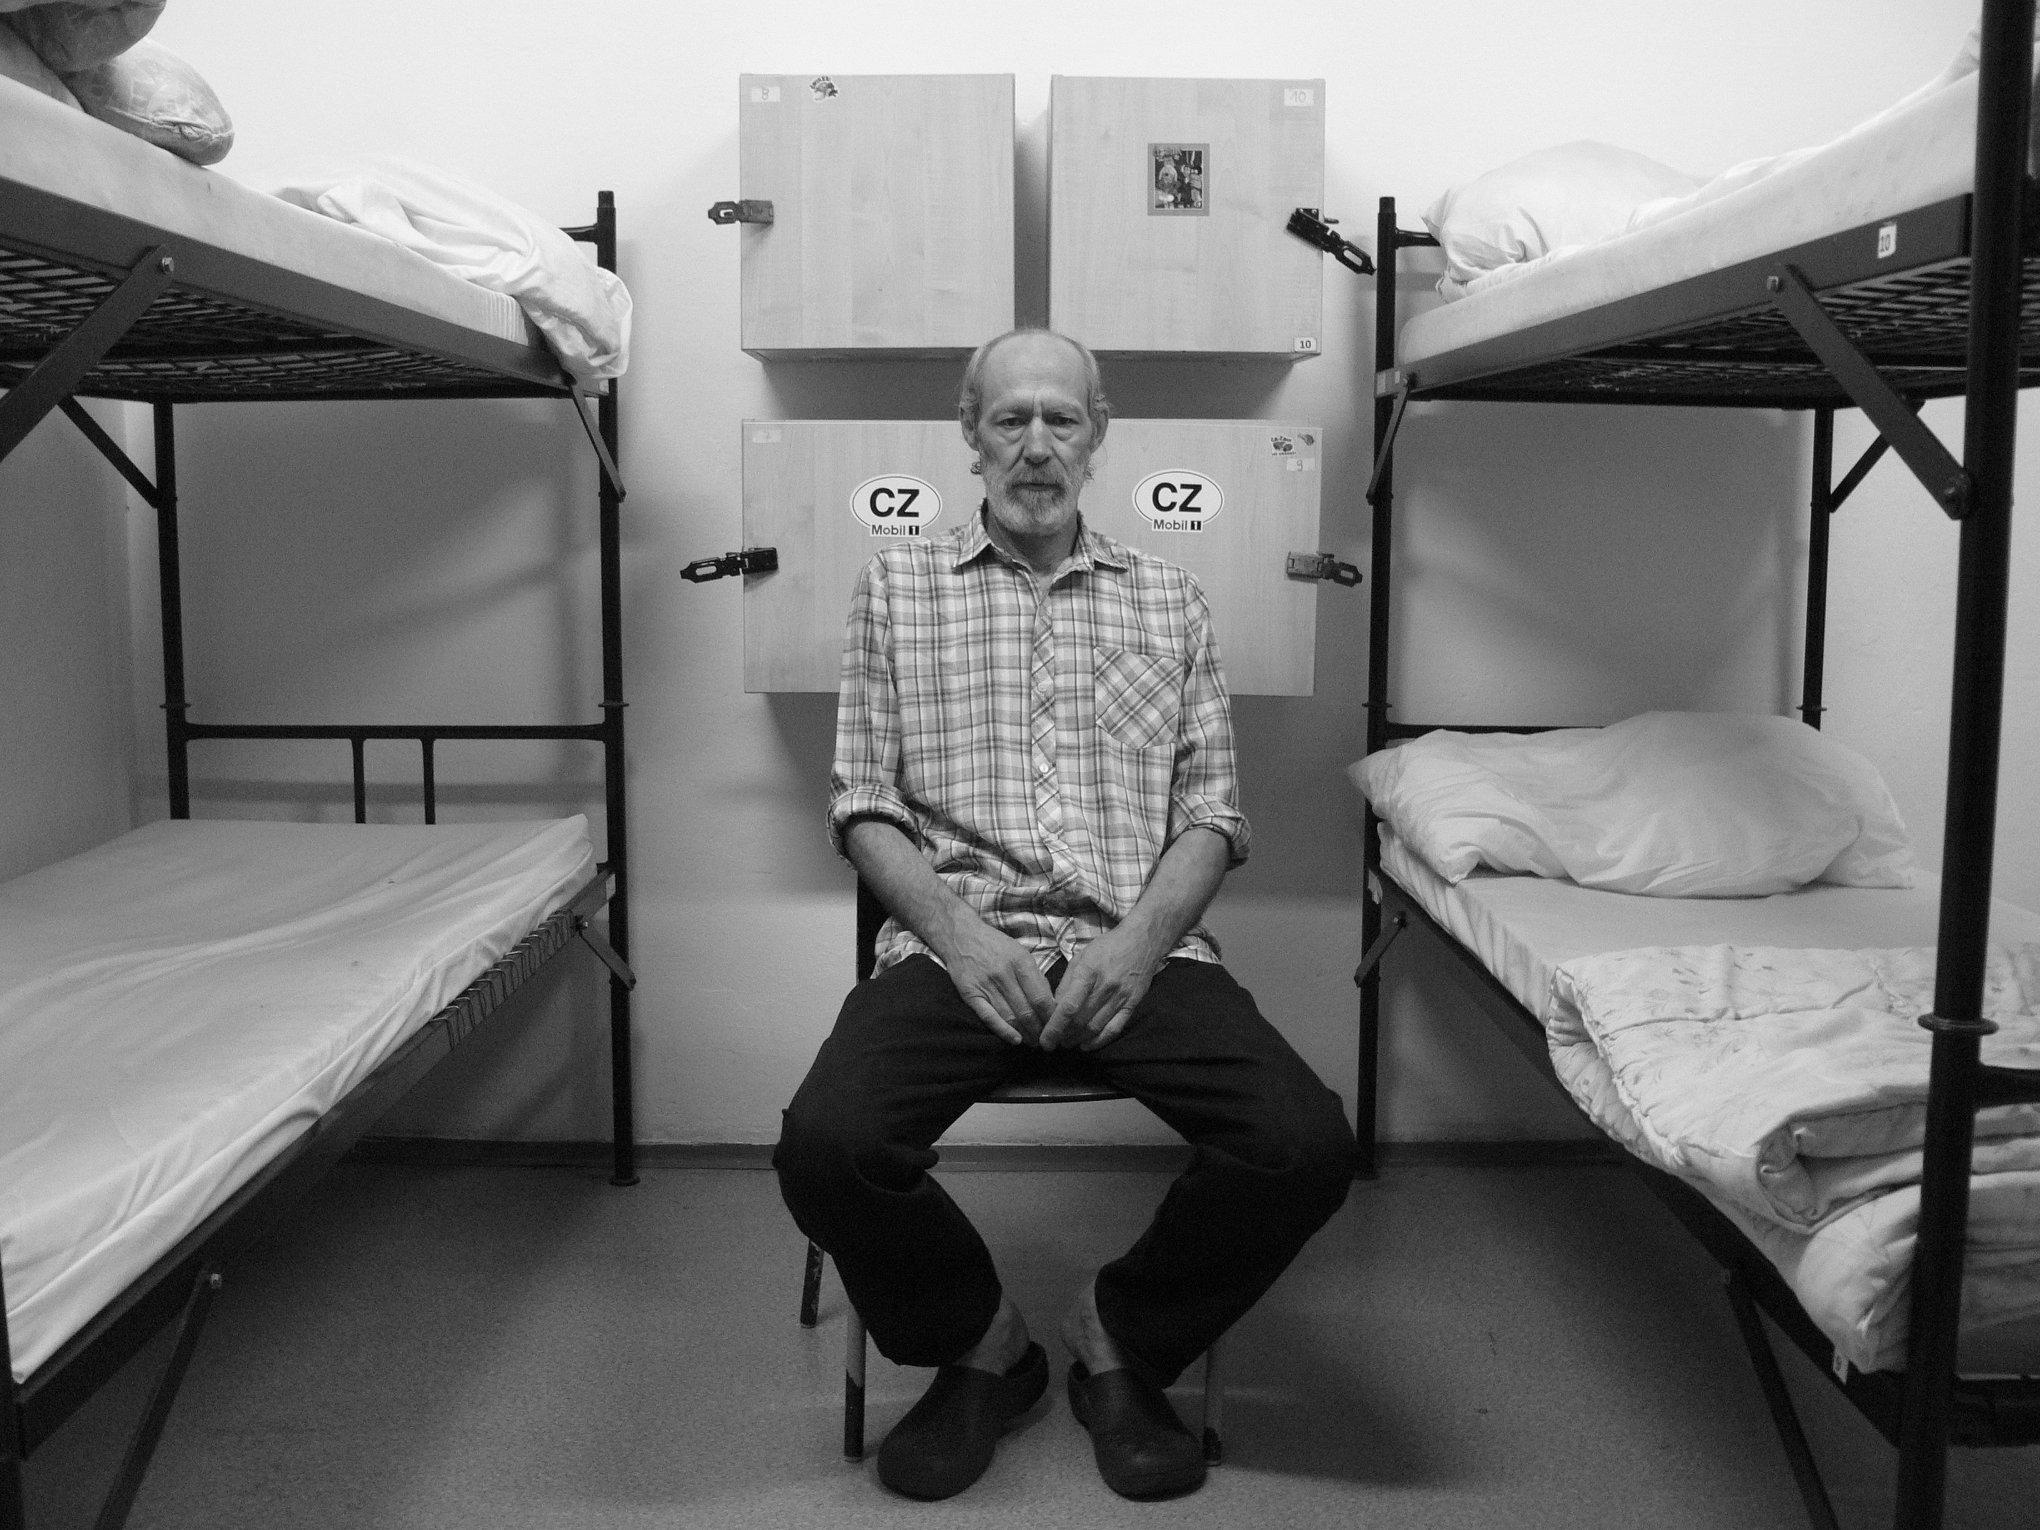 """Z výstavy """"Ještě jsem tady"""" fotografa Ondřeje Pokorného"""